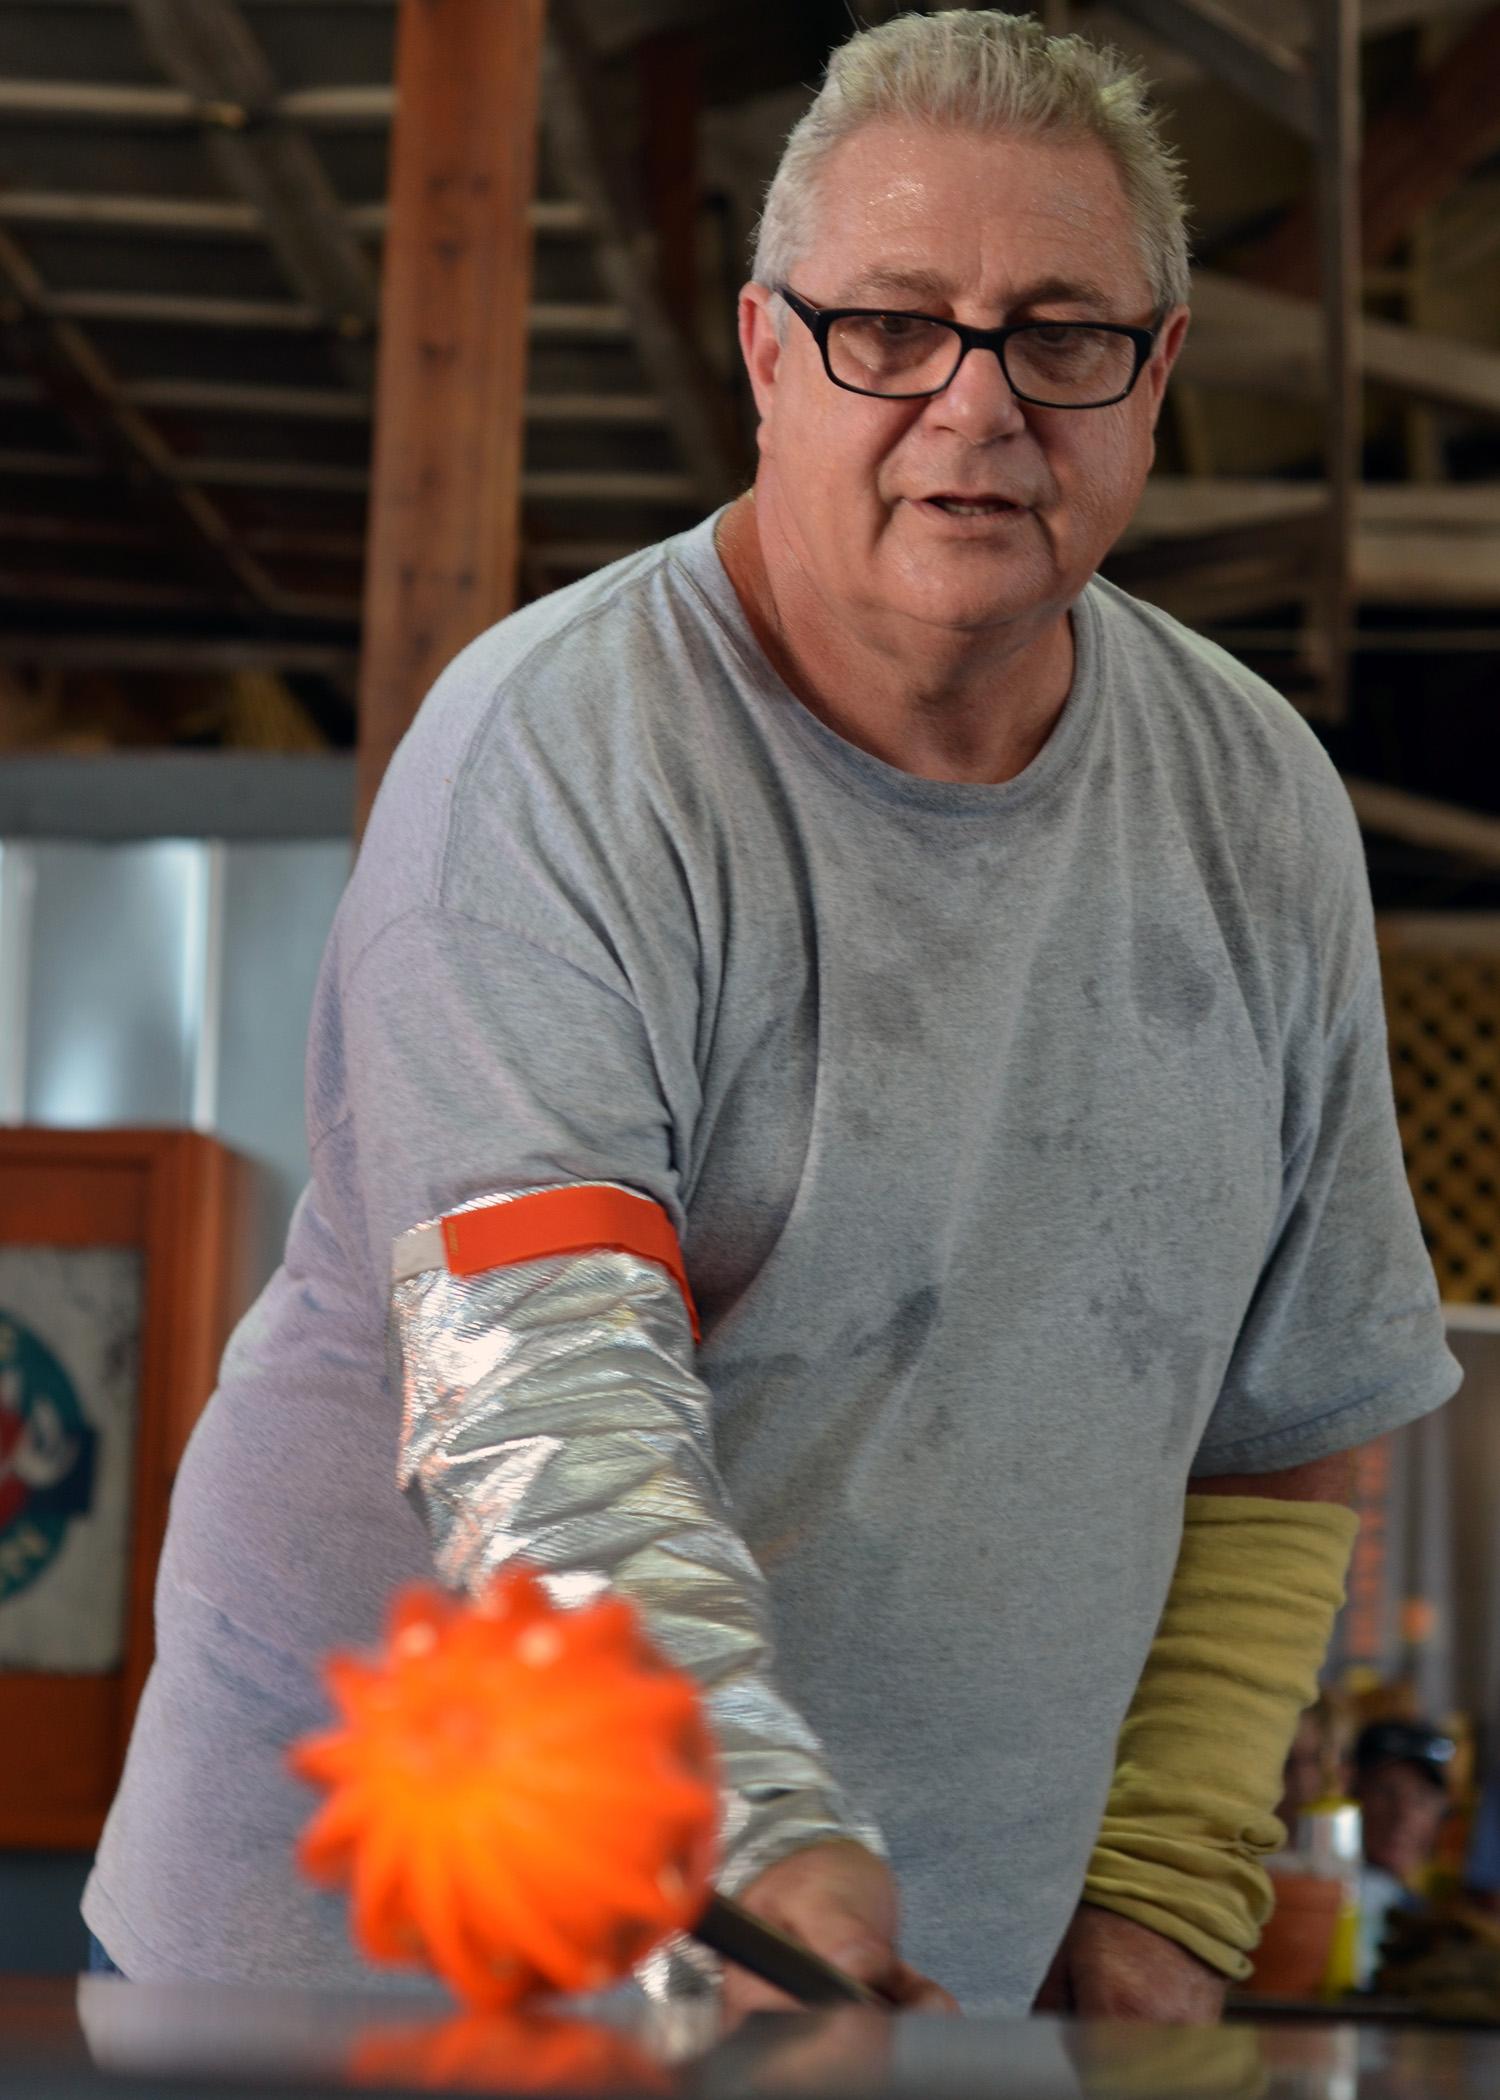 Ed Streeter making a glass pumpkin